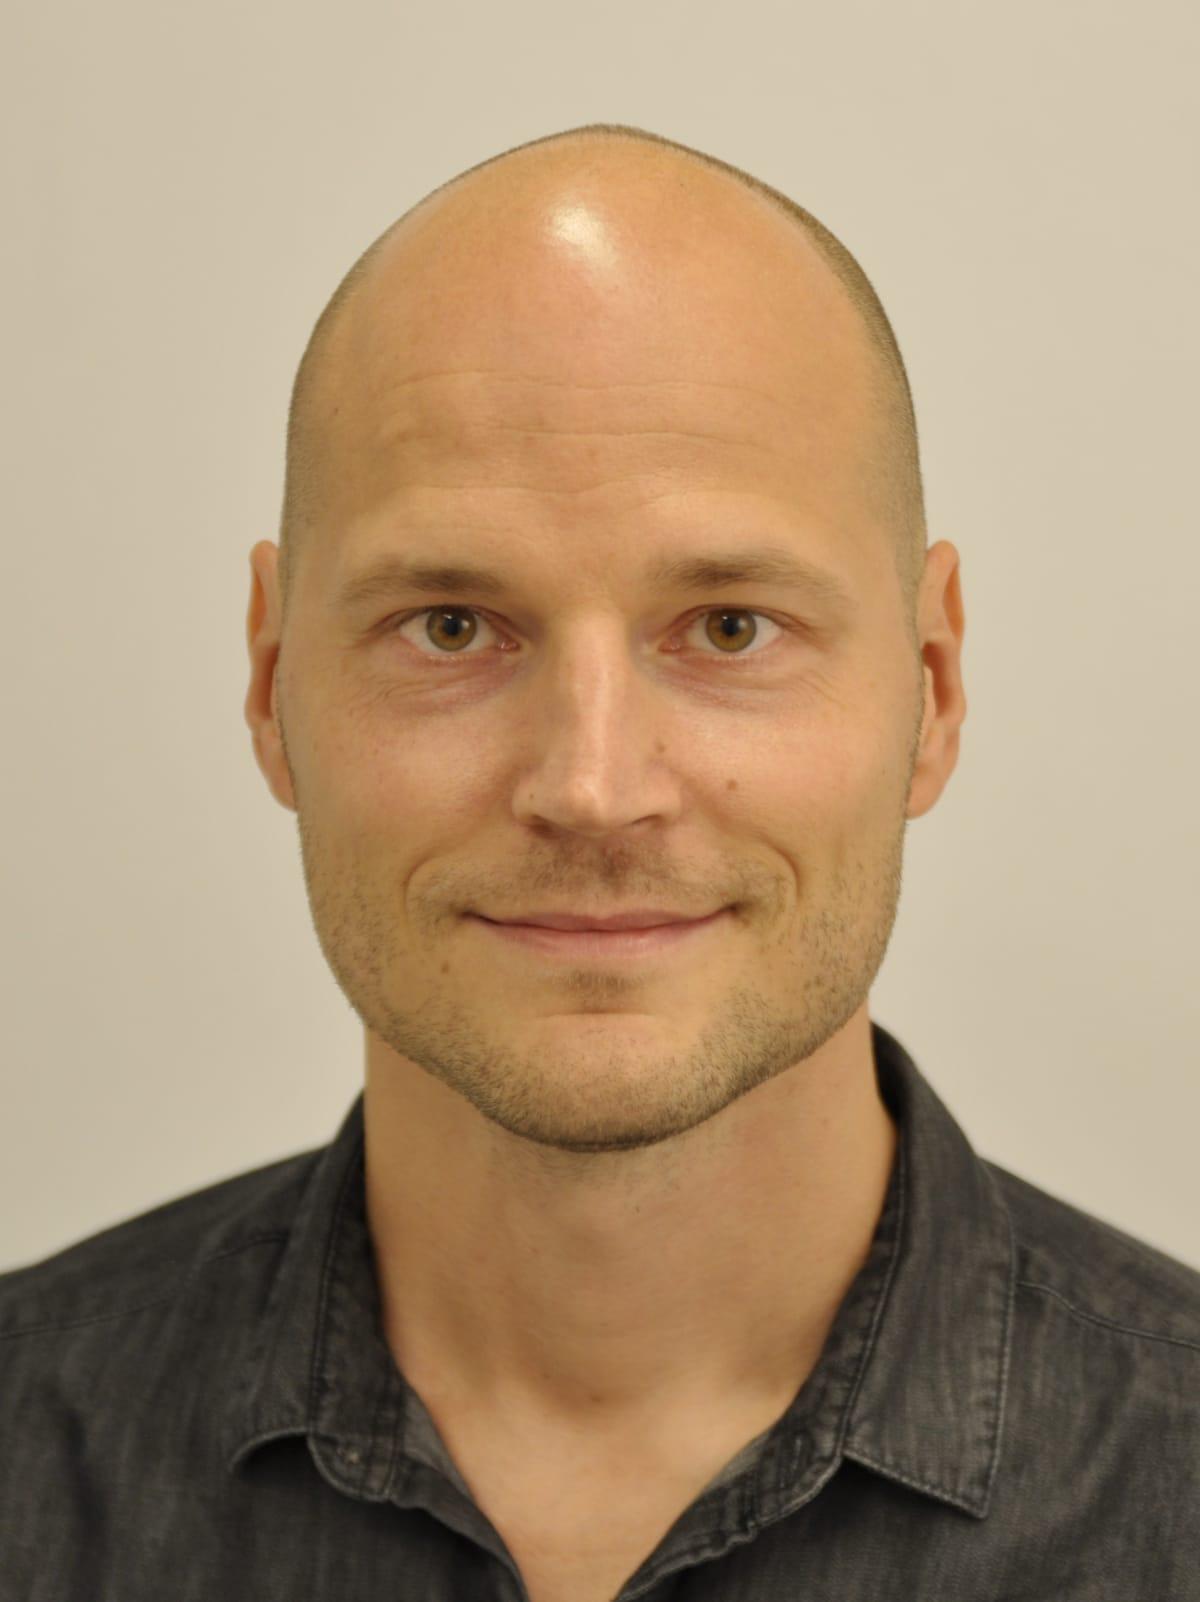 Jyväskylän yliopiston etnologian dosentti, yliopistolehtori Jukka Jouhki